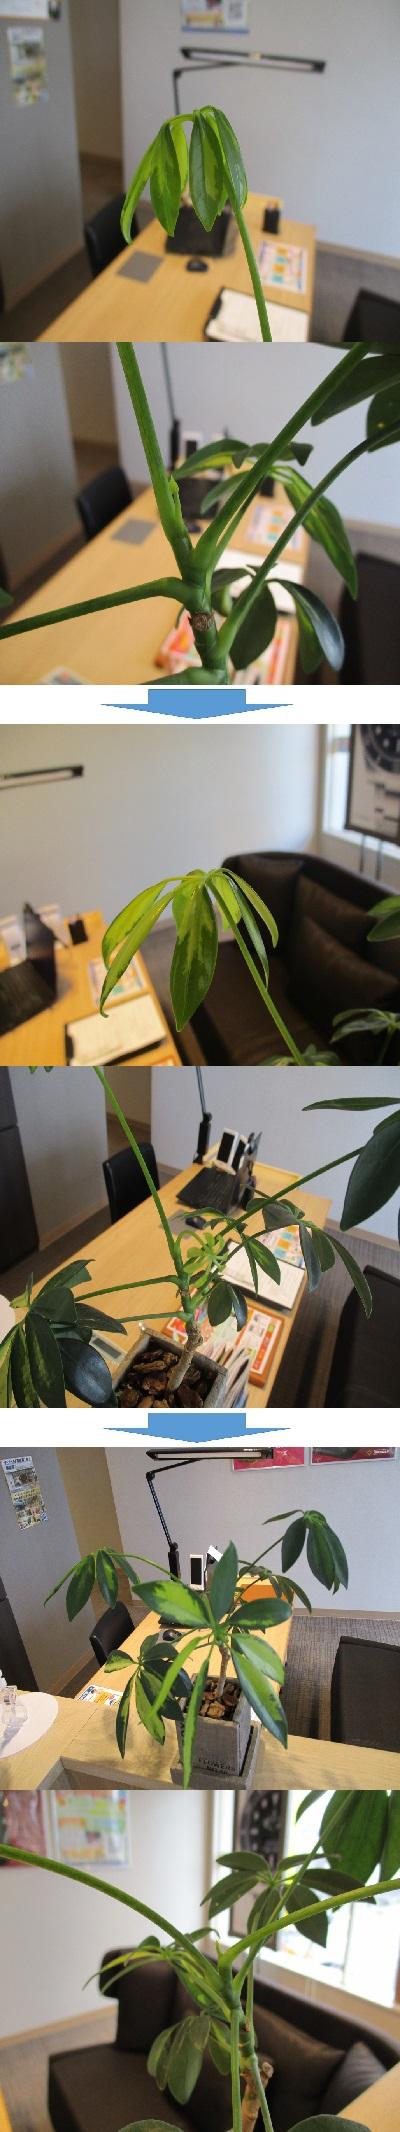 植物の成長・続【浜松若林店】 静岡県浜松市にあるザ・ゴールド 浜松若林店の画像2